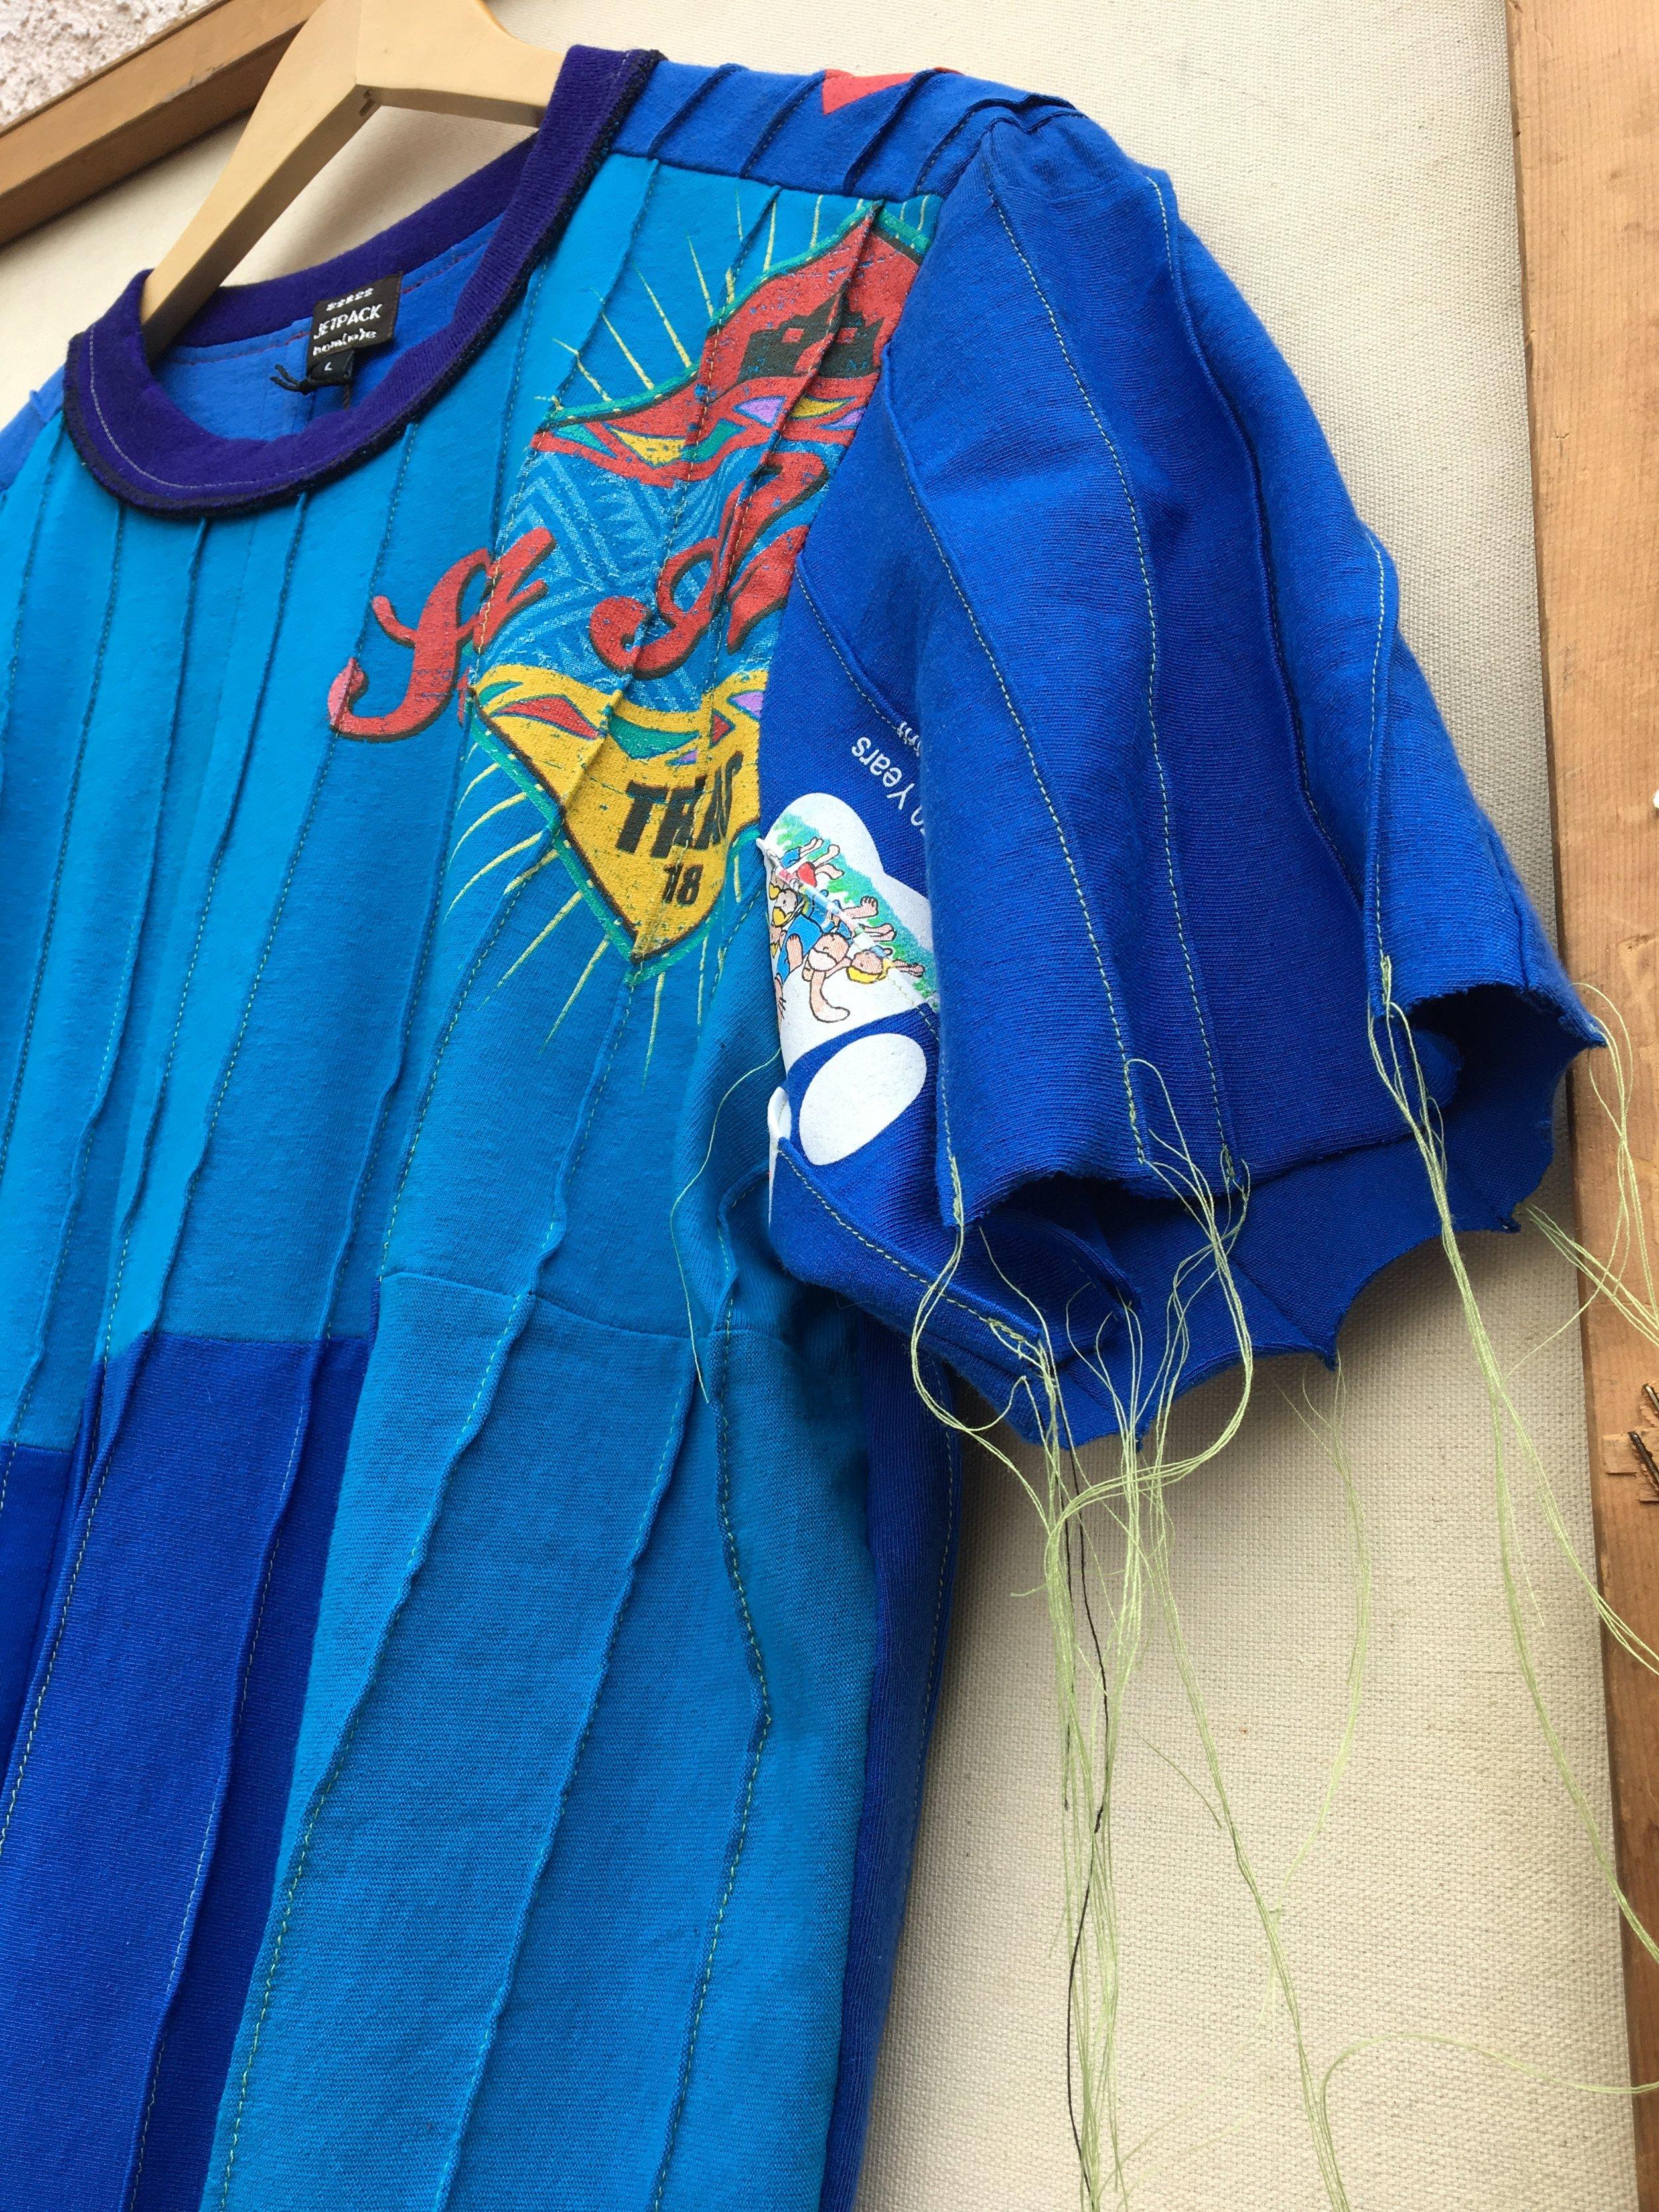 shirt 5_front detail.JPG